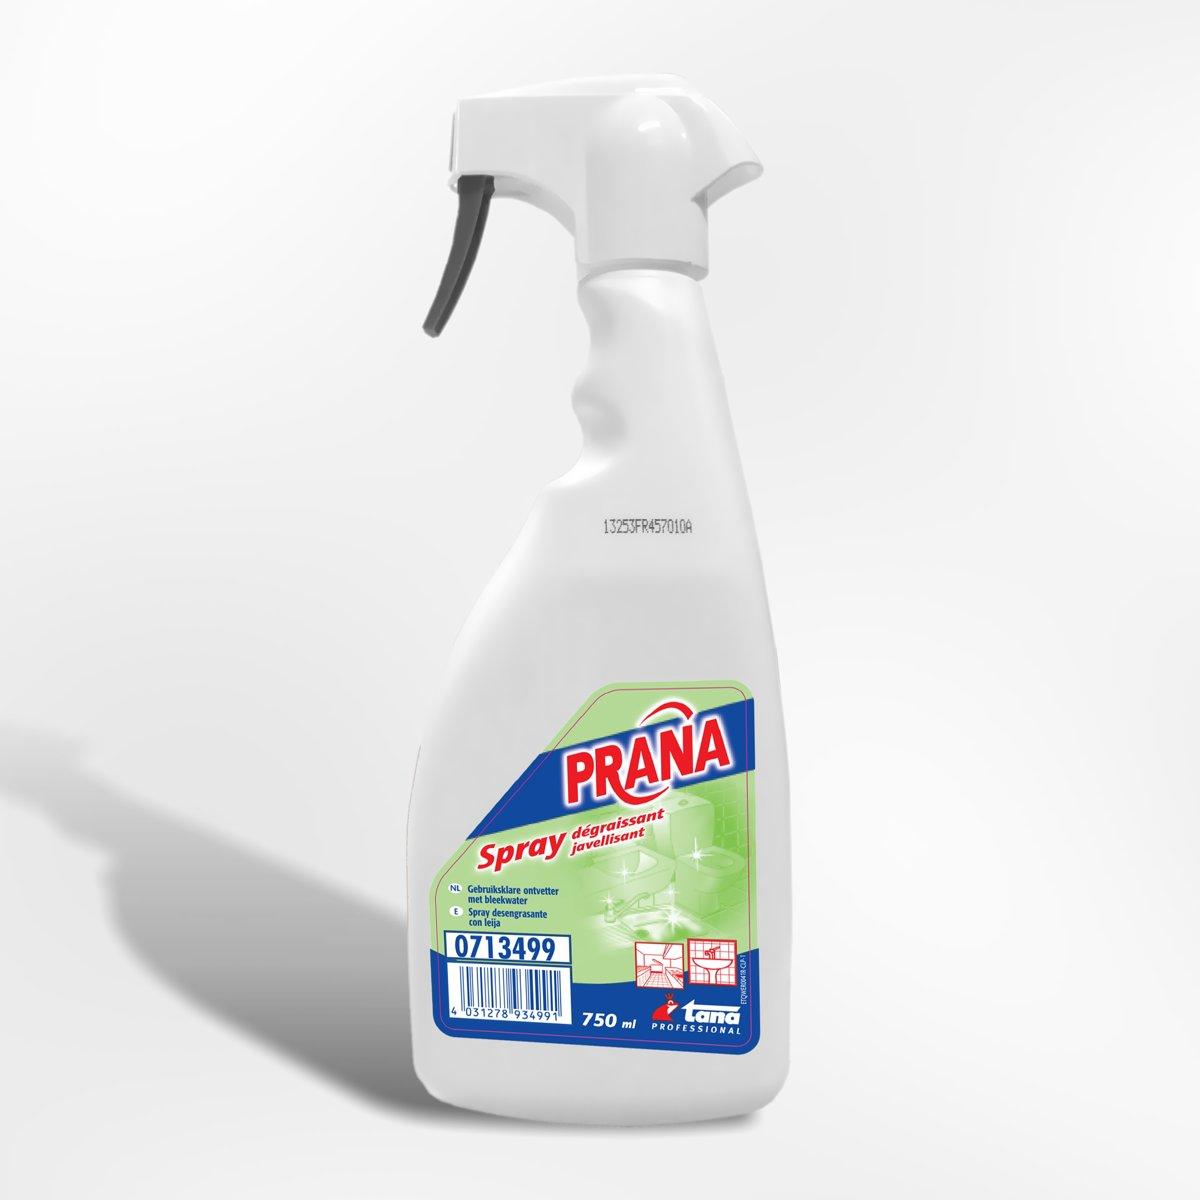 Prana - Gebruiksklare sanitaire ontvetter met javel - 750 ml kopen